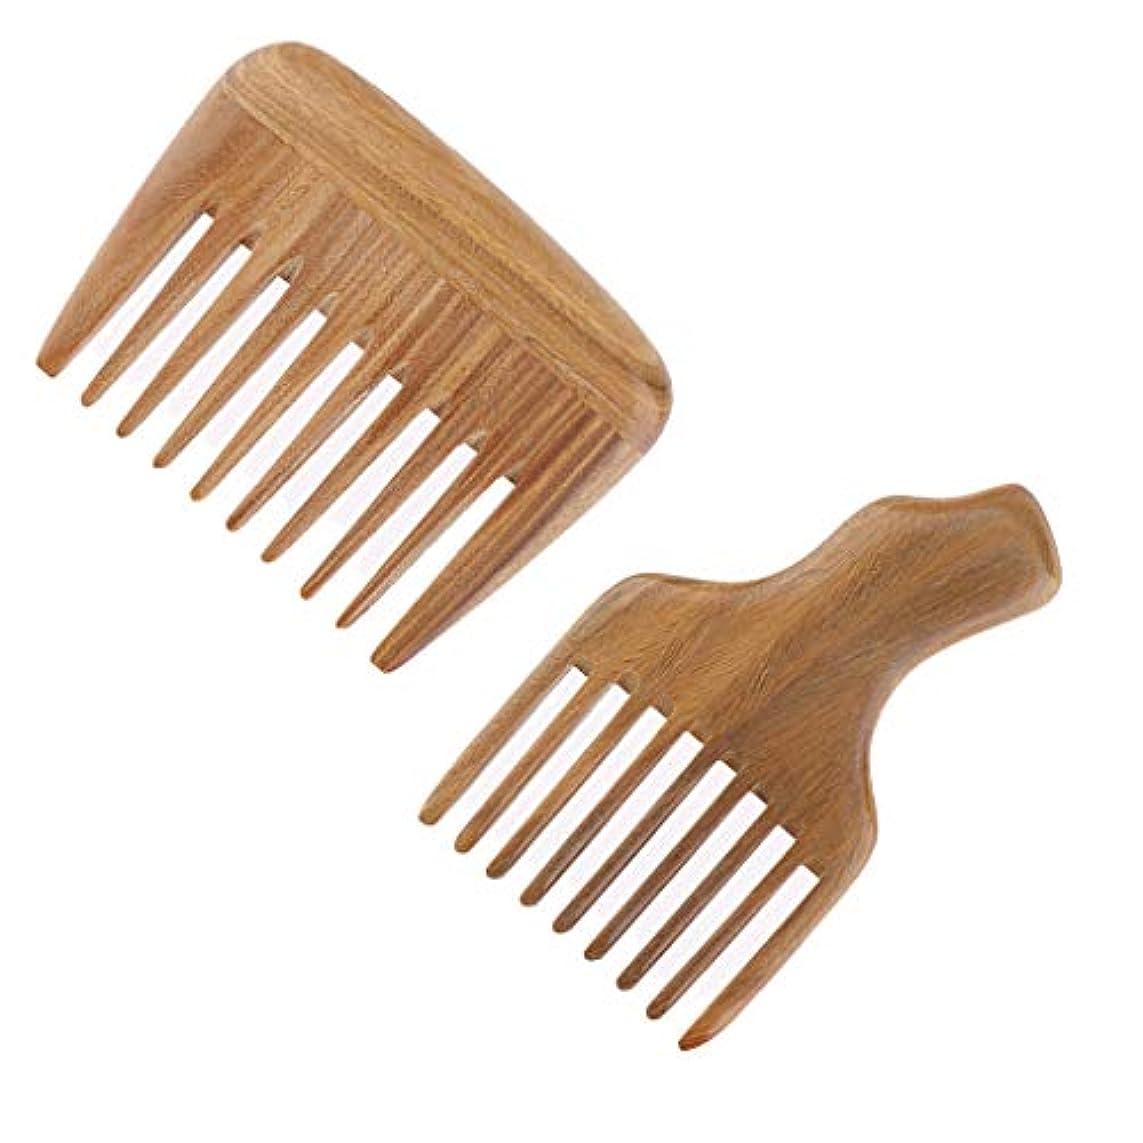 タイトル王子無効2個 木製櫛 ヘアコーム ヘアブラシ 帯電防止 くし 櫛 高品質